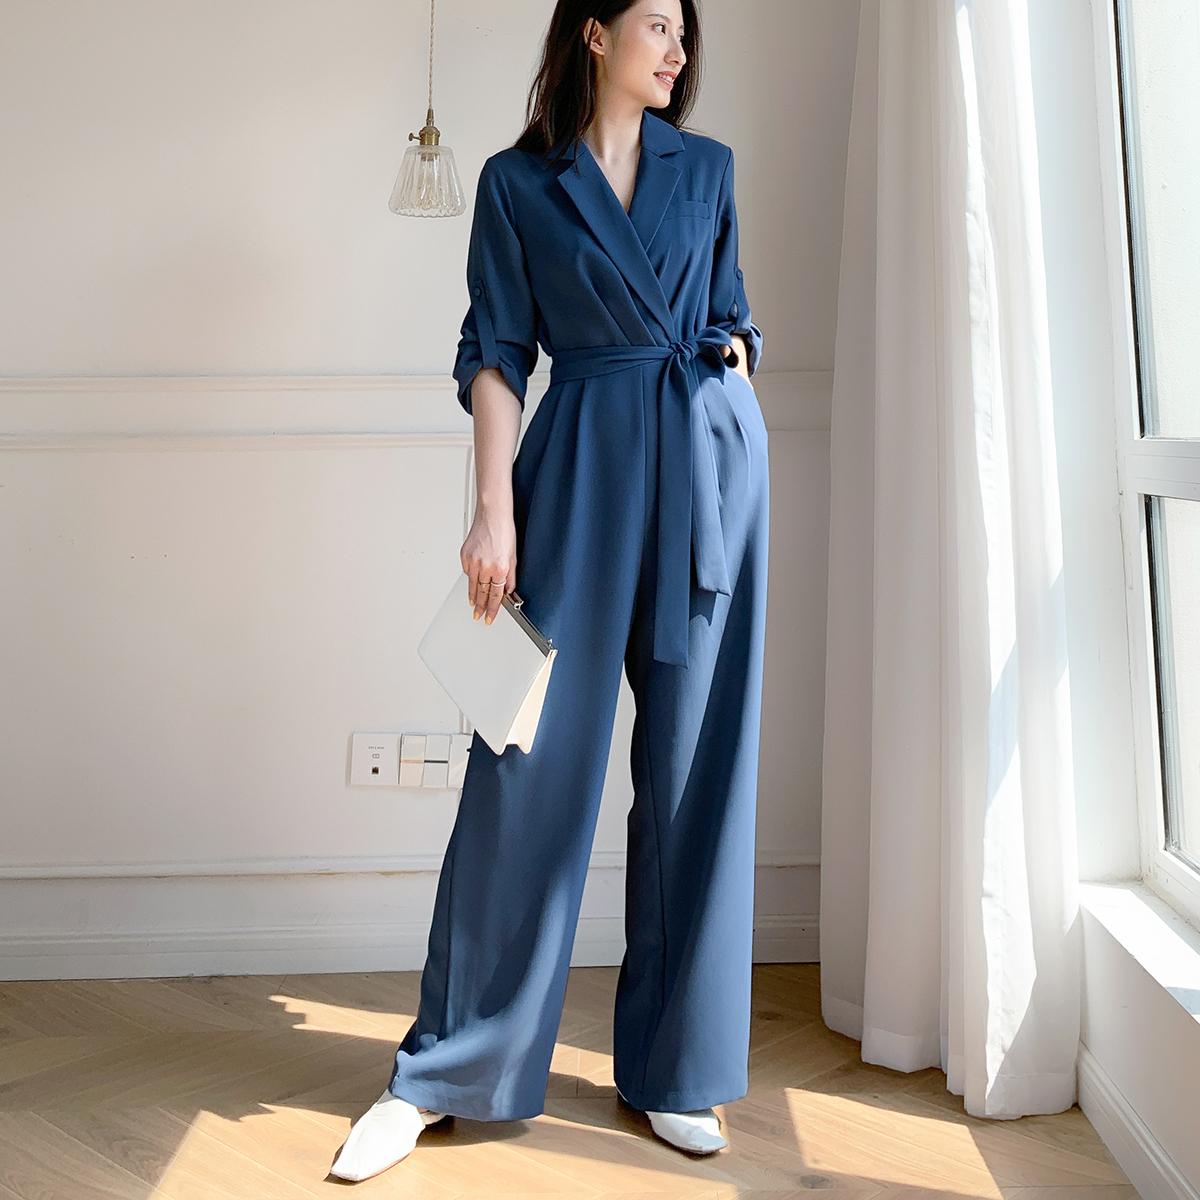 蓝色连体裤女春秋2021工装新款雪纺收腰显瘦时尚气质西装连衣裤